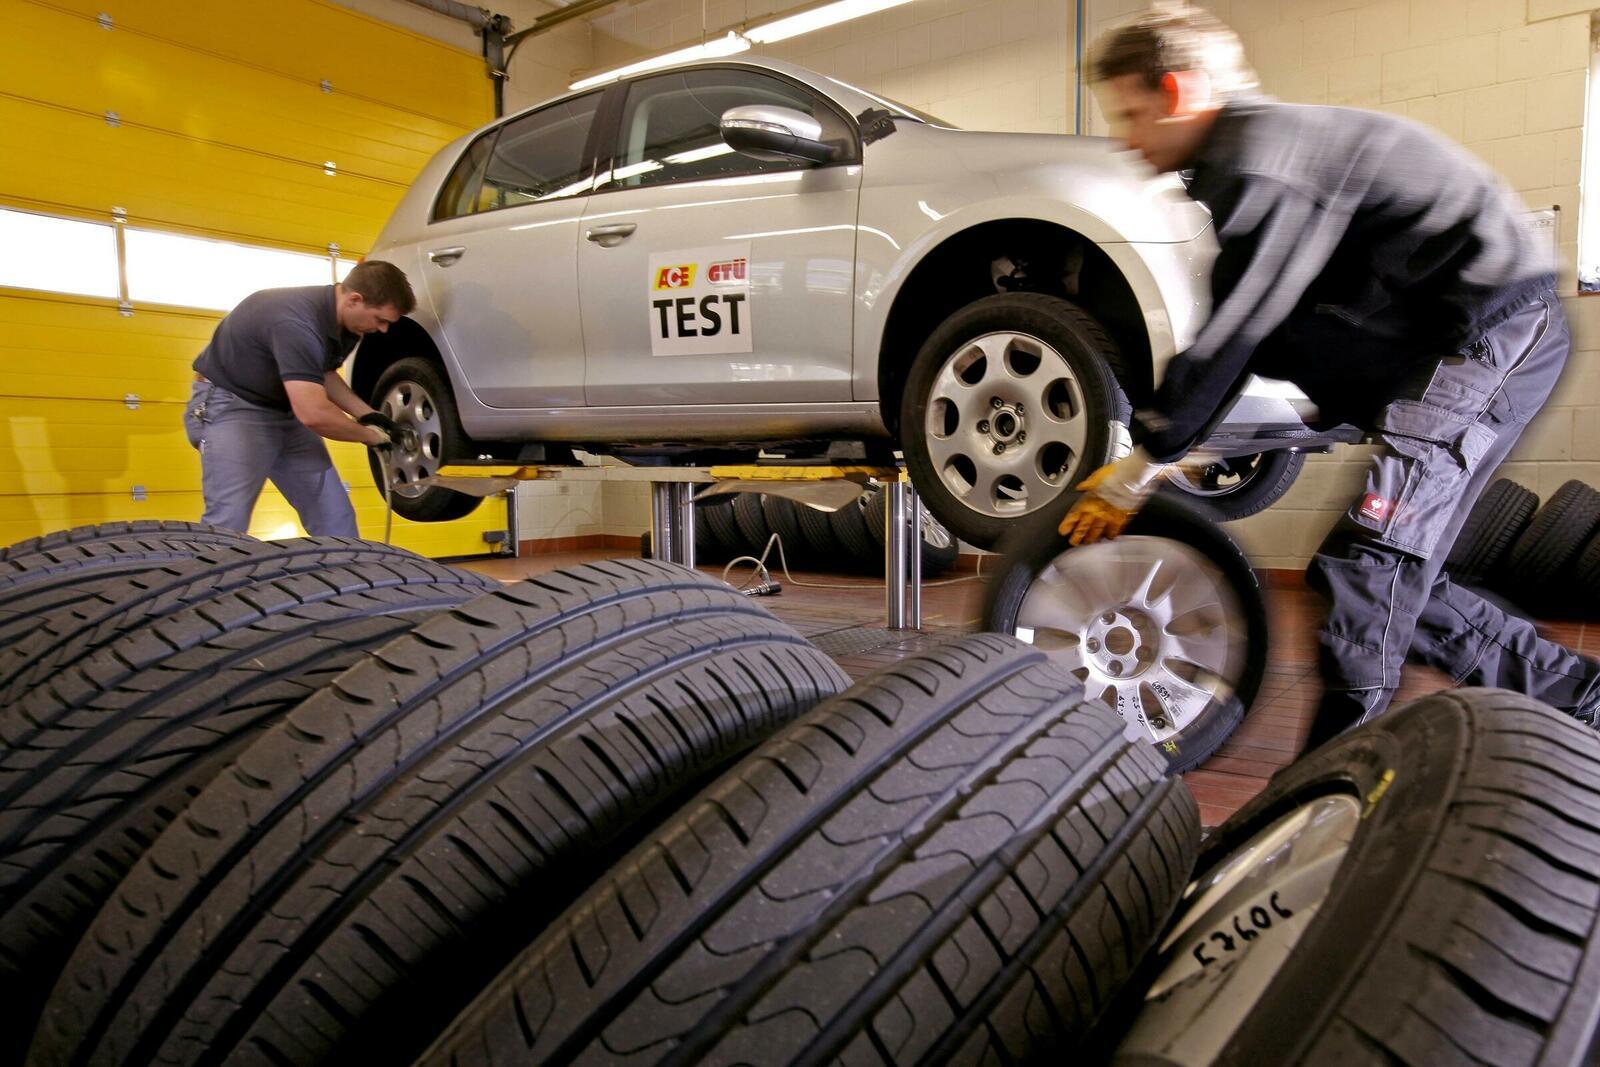 Beim Radwechsel sind einige wichtige Details und Regeln zu beachten, damit die Sicherheit gewährleistet bleibt und das Material geschont wird